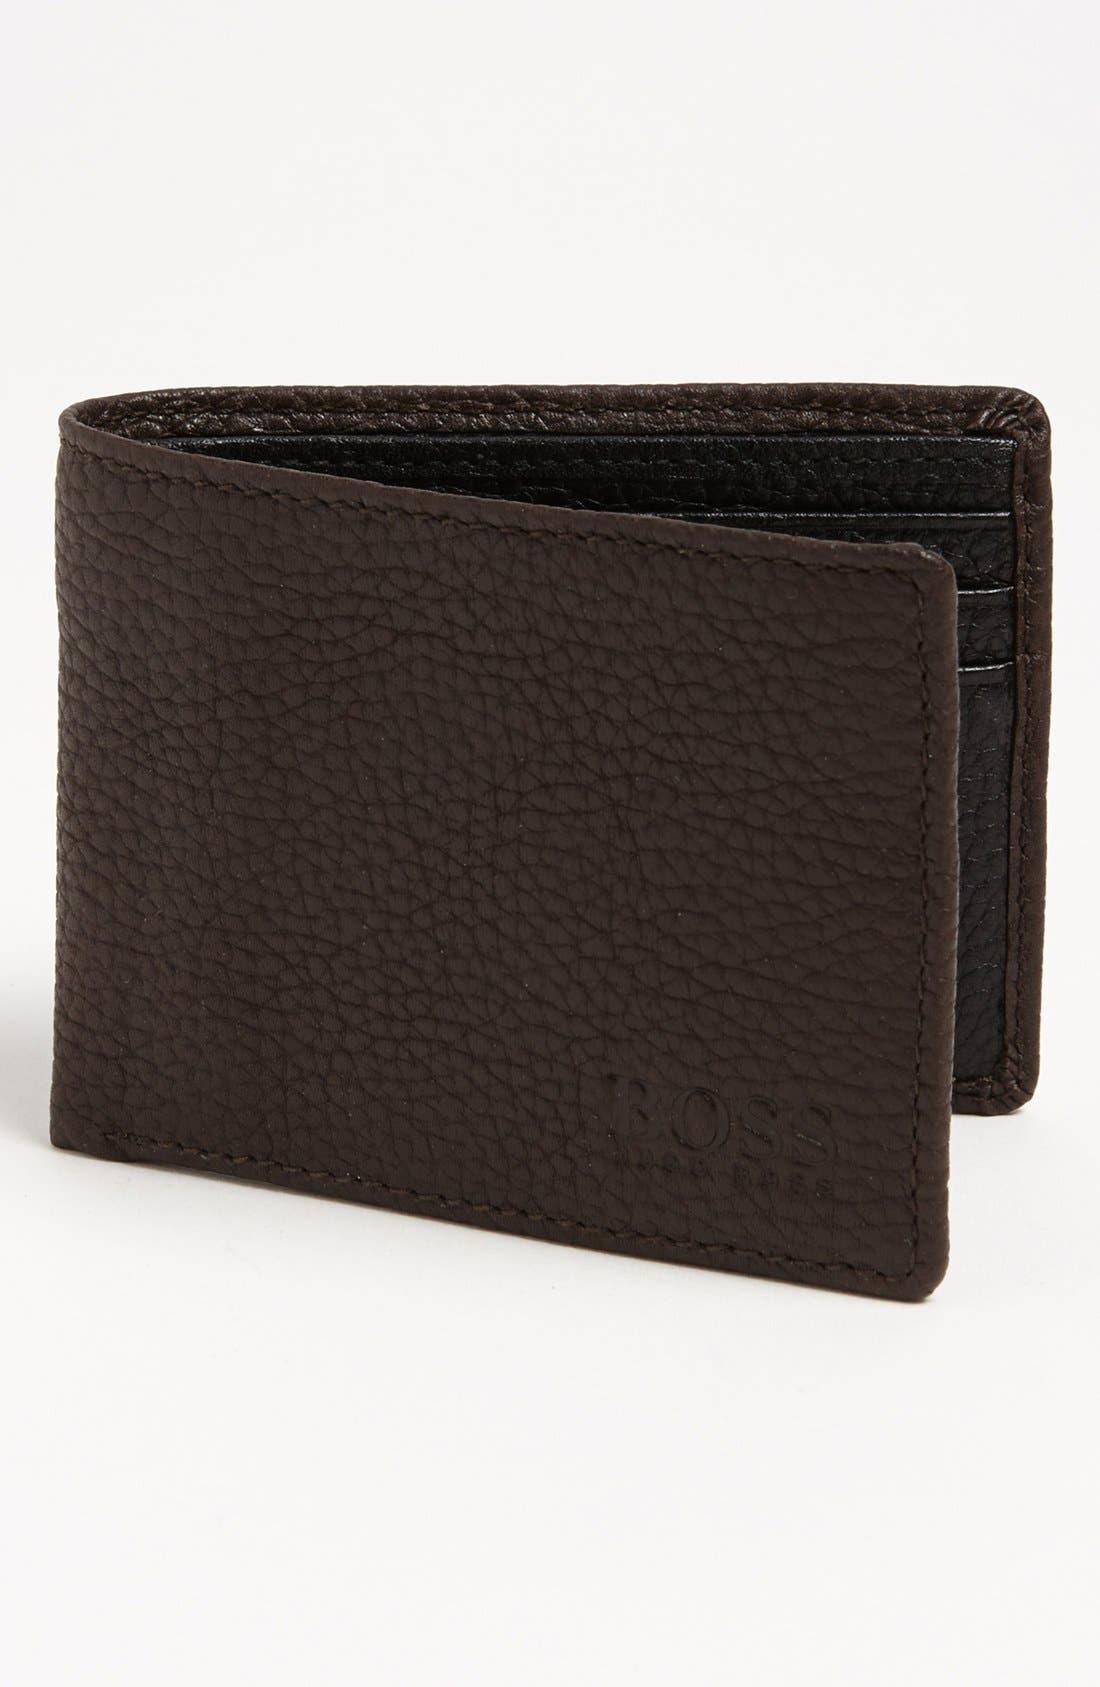 Main Image - BOSS HUGO BOSS 'Beckley' Wallet